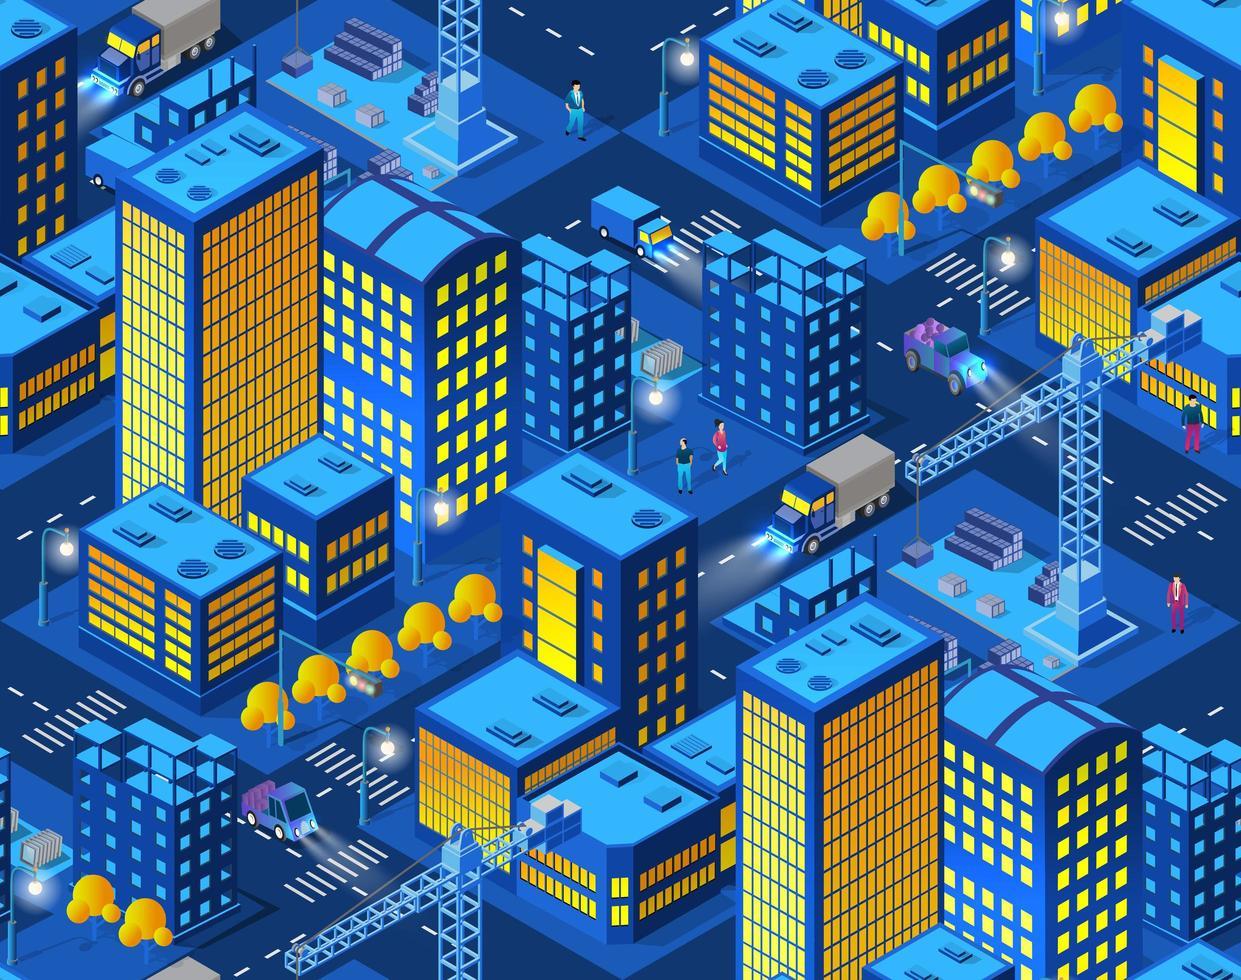 industriell konstruktion smart stad på natten mönster vektor